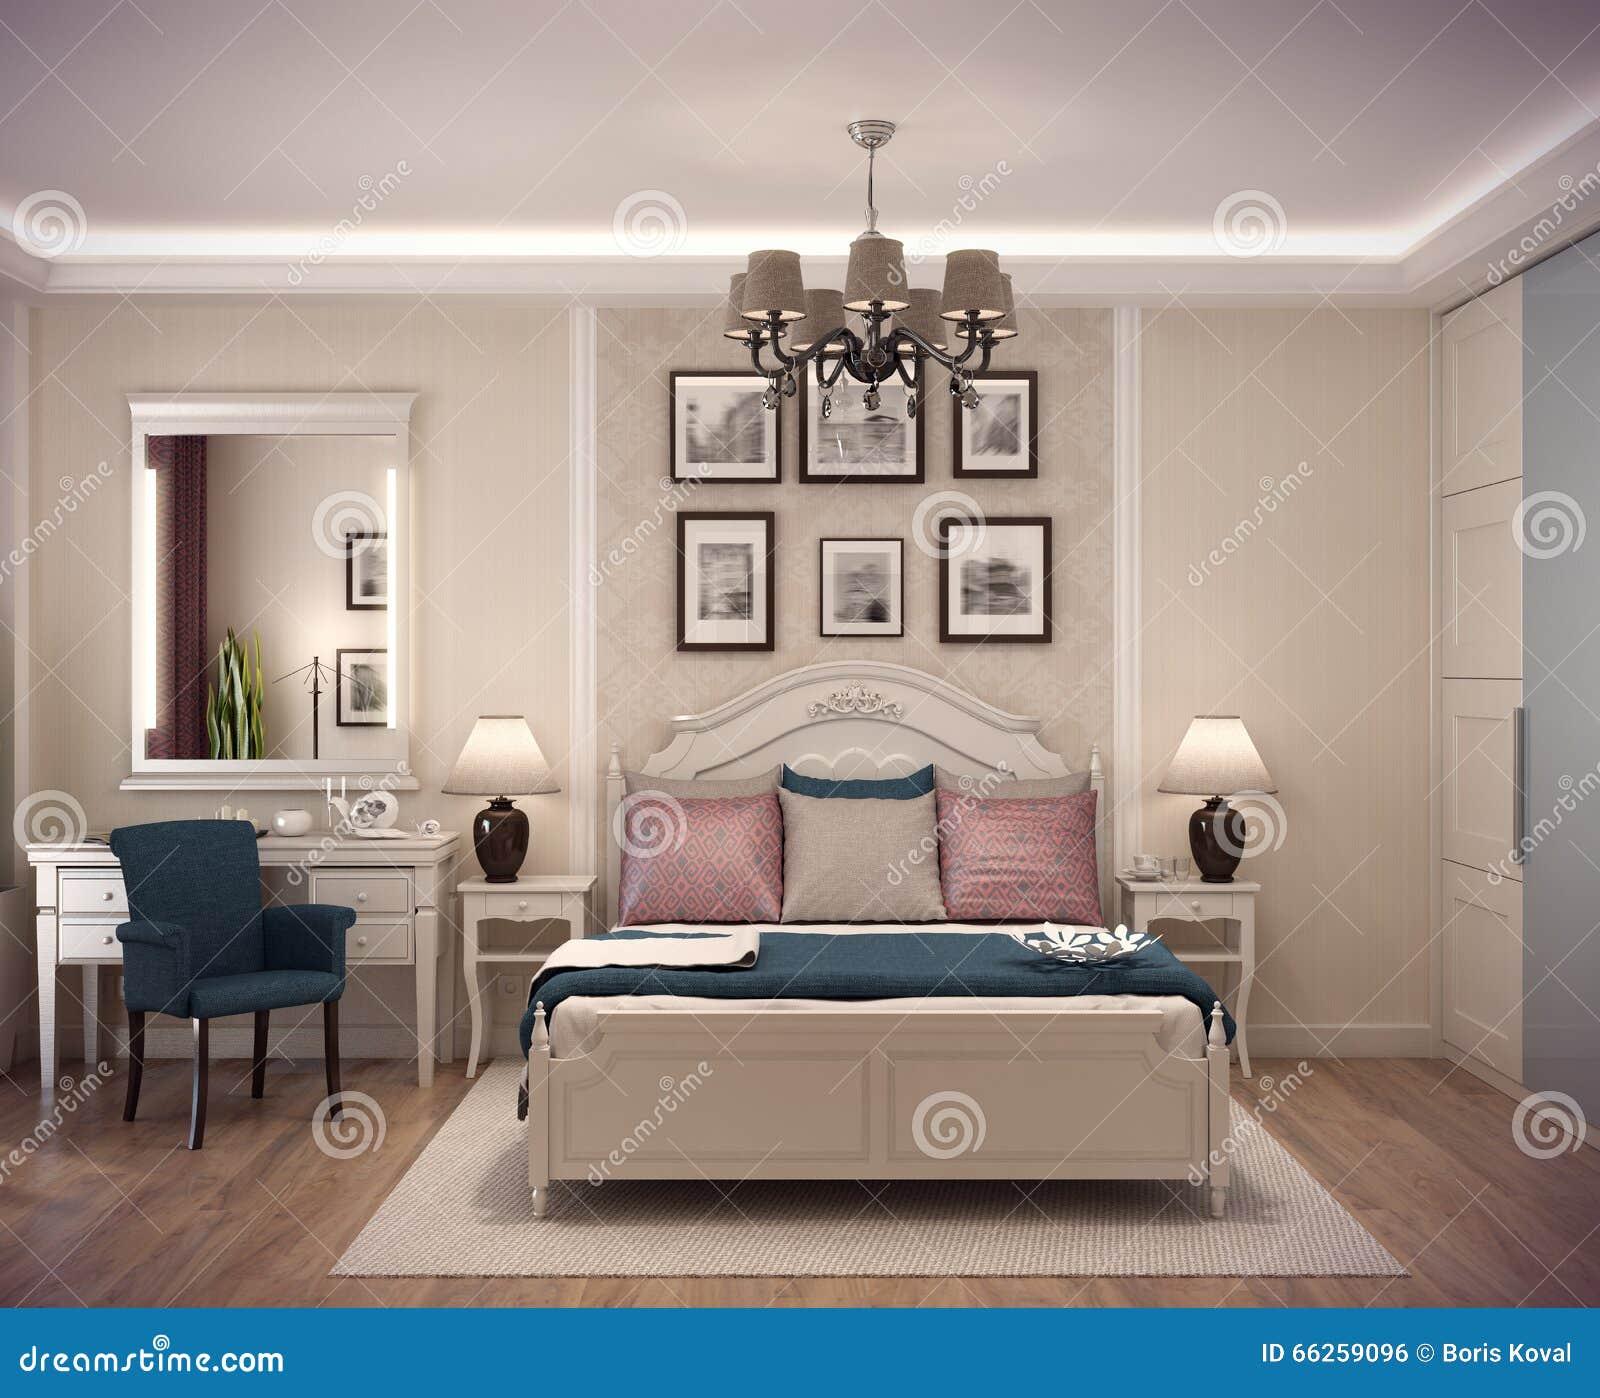 3D Rendant La Chambre à Coucher Confortable Dans Le Style Classique Le Lit  énorme Avec De Nombreux Oreillers Est Domine La Salle Lu0027intérieur Est  Décoré Du ...